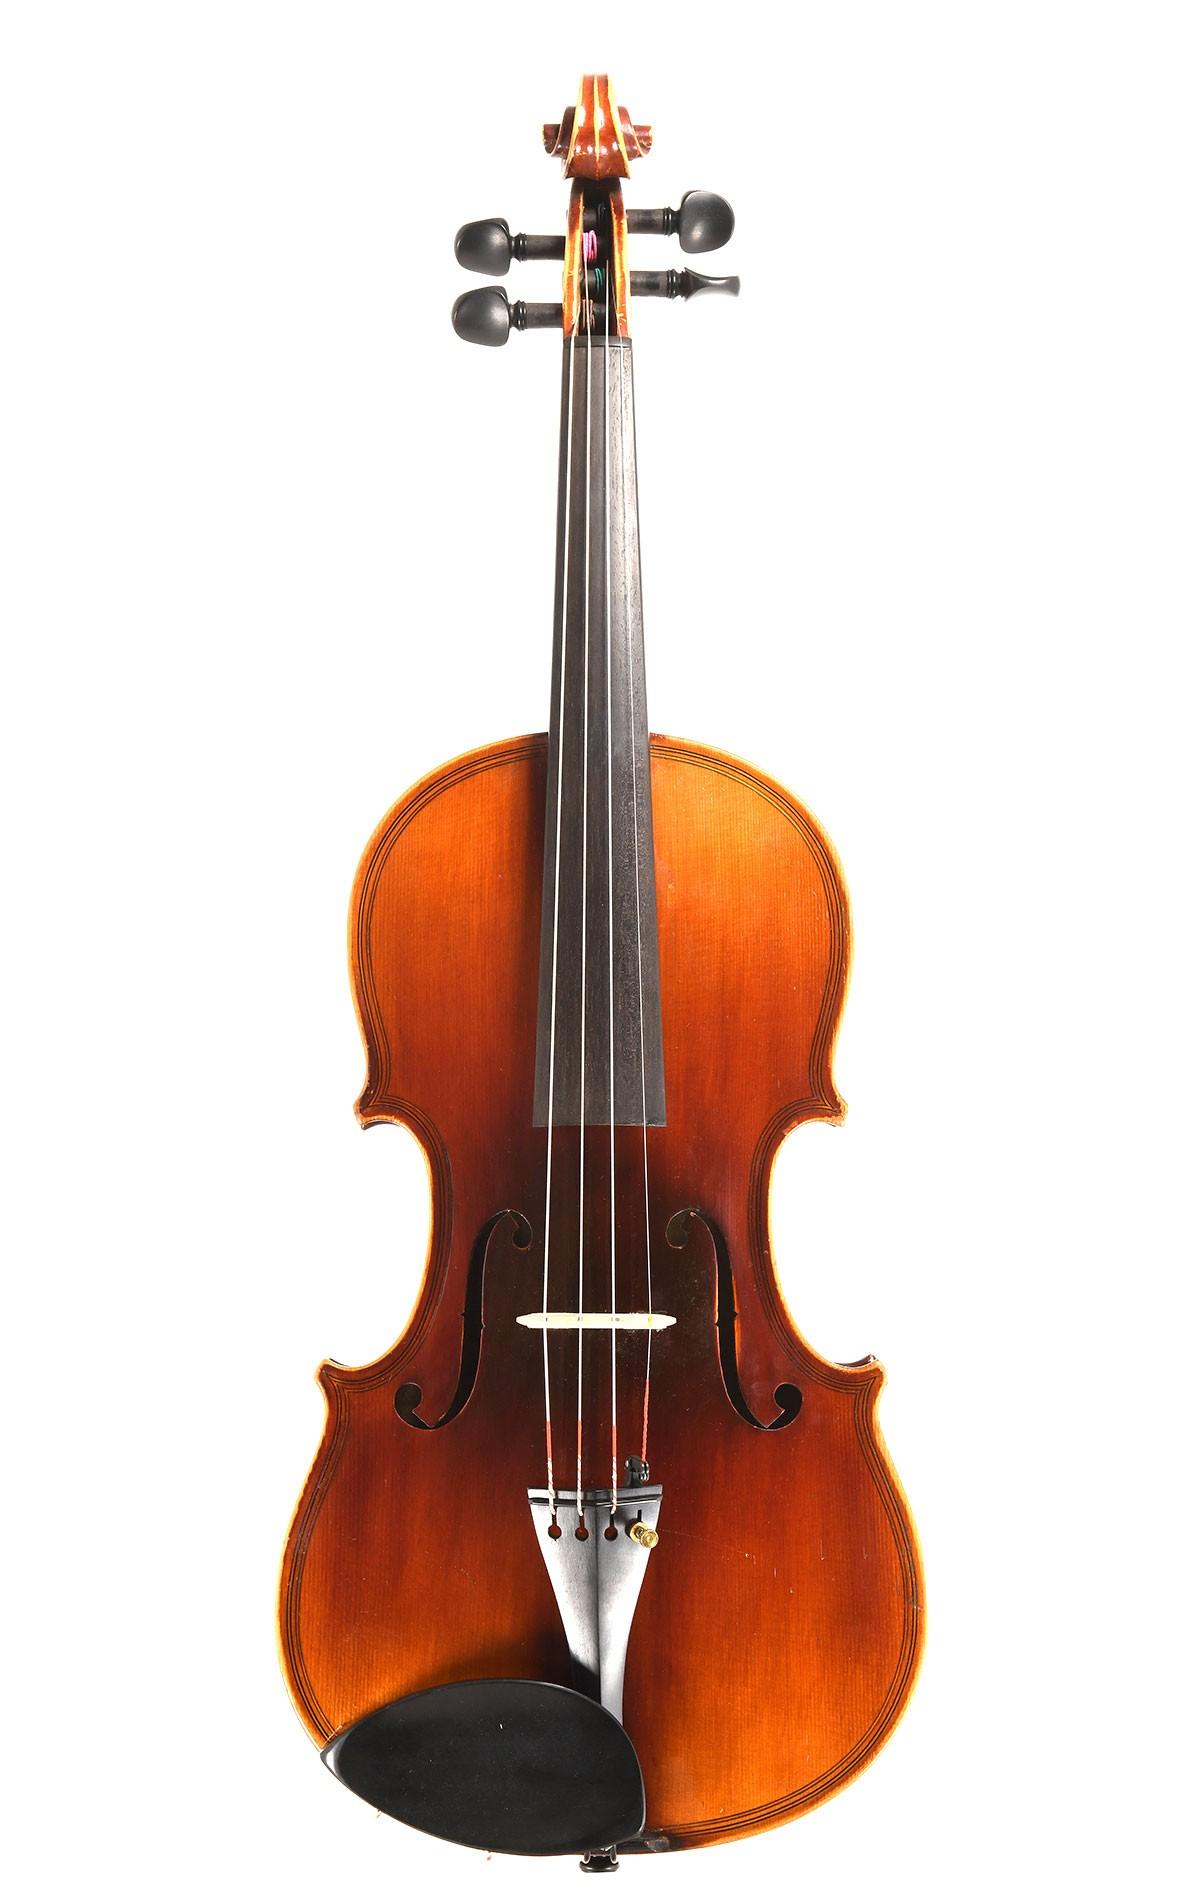 Neuner & Hornsteiner Geige aus dem Jahr 1885